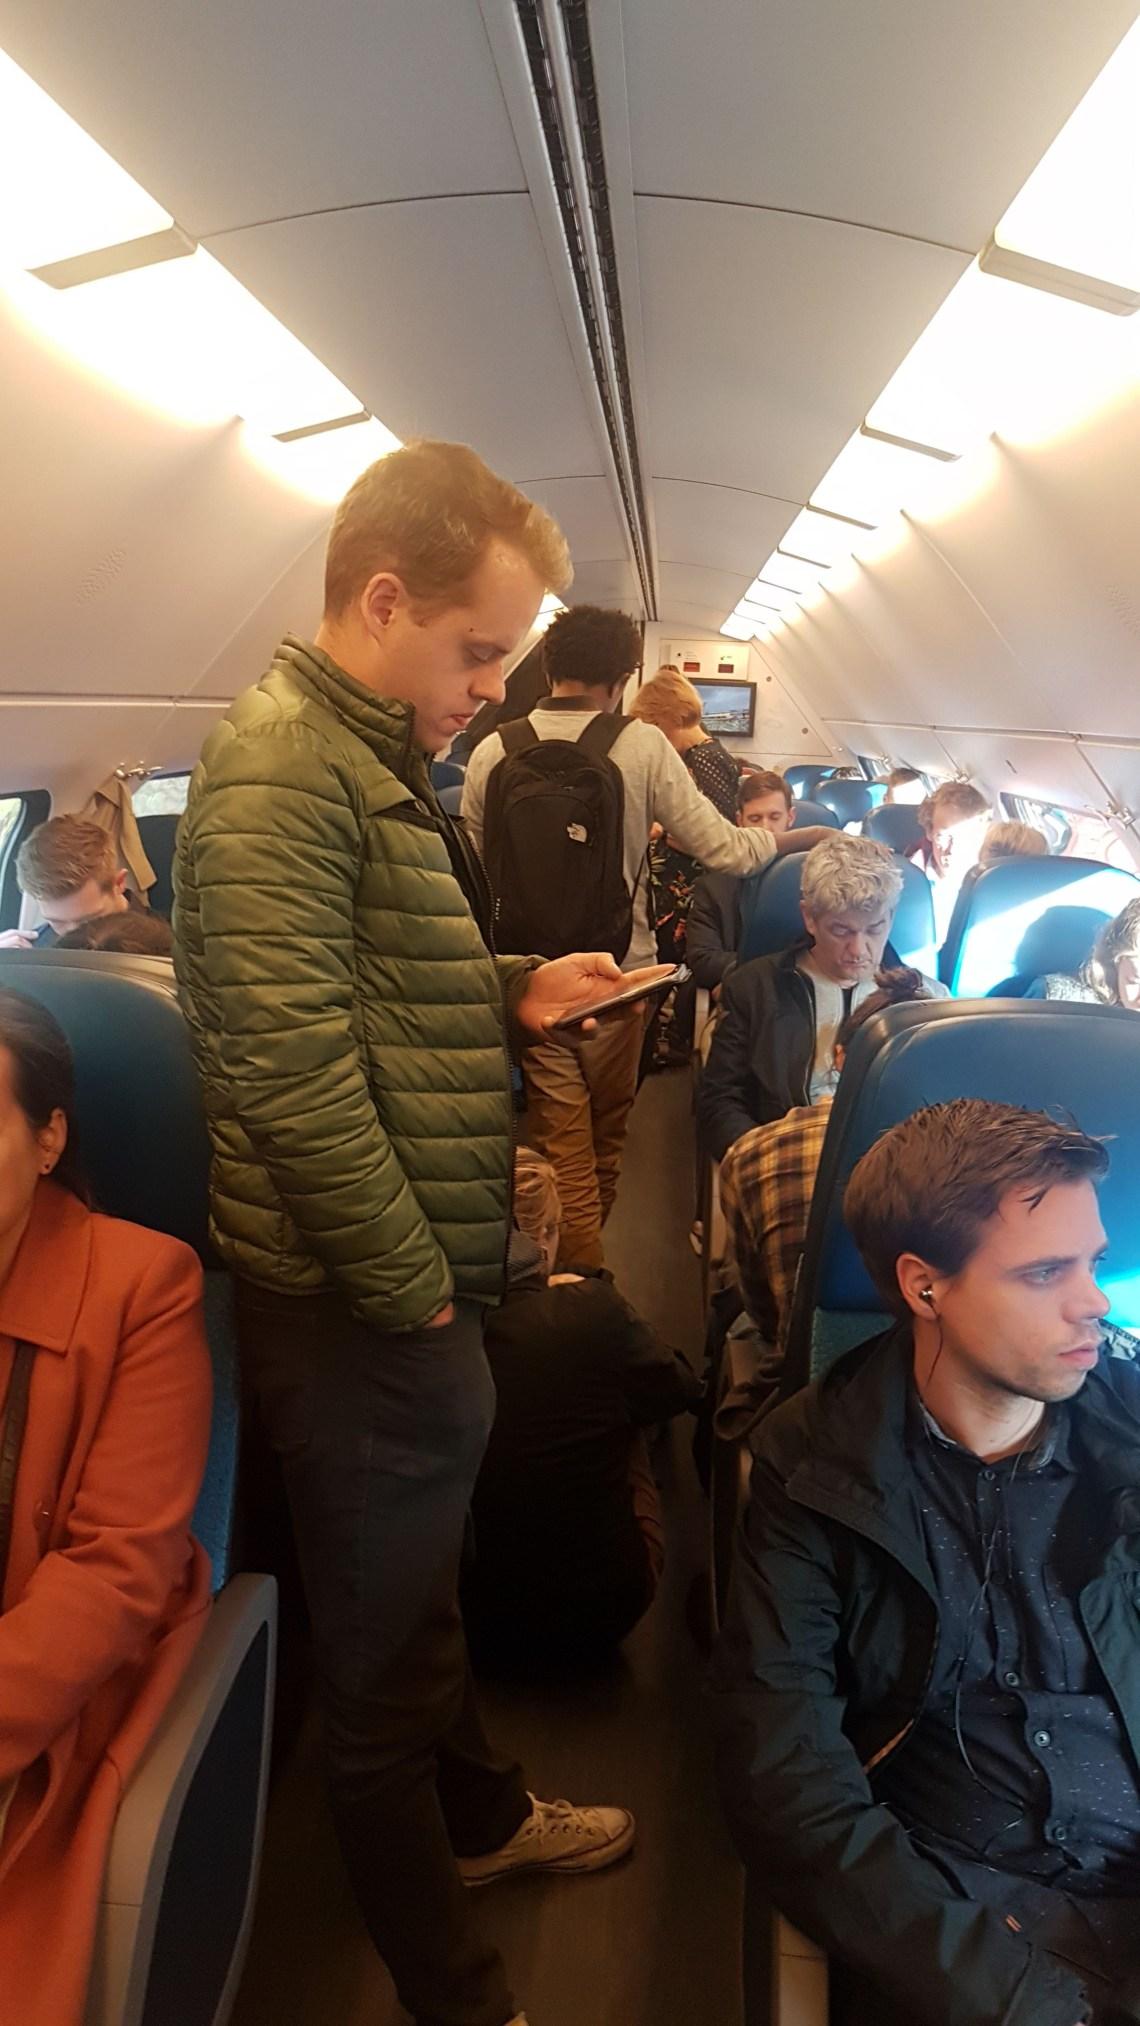 ns drukte in de trein